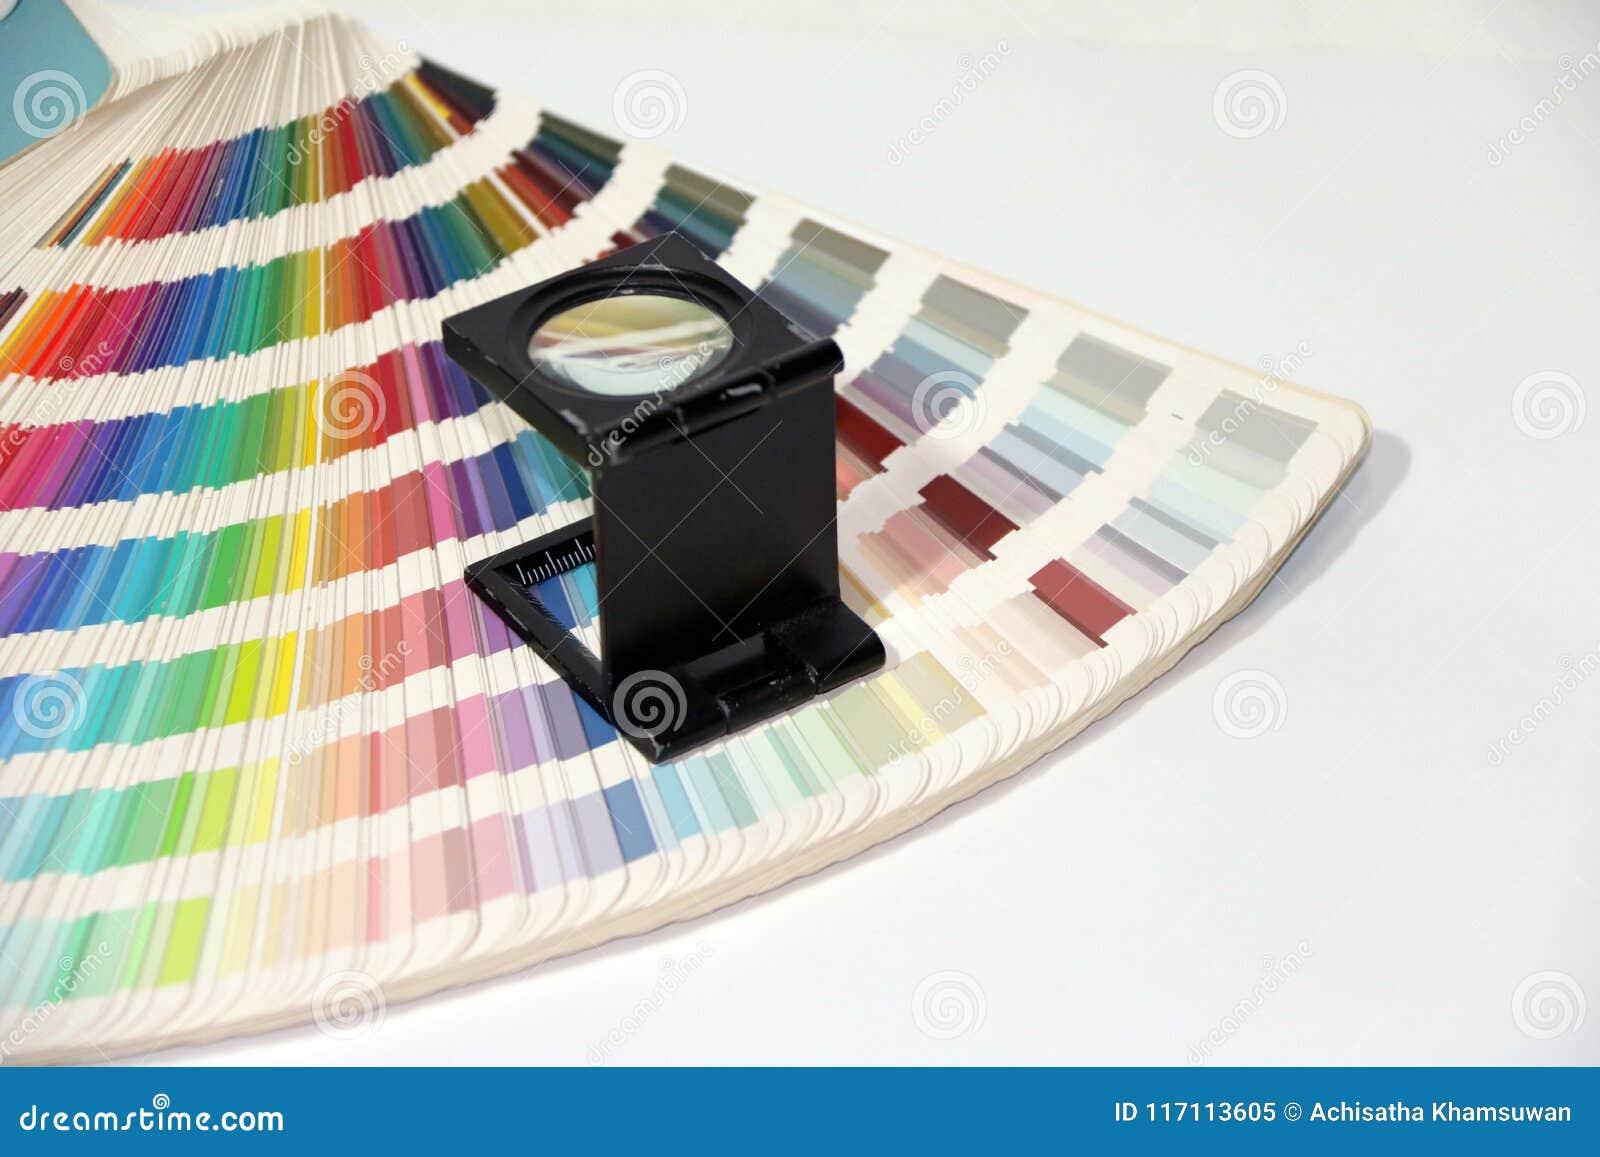 黑角规放大镜和彩虹抽样色板显示编目